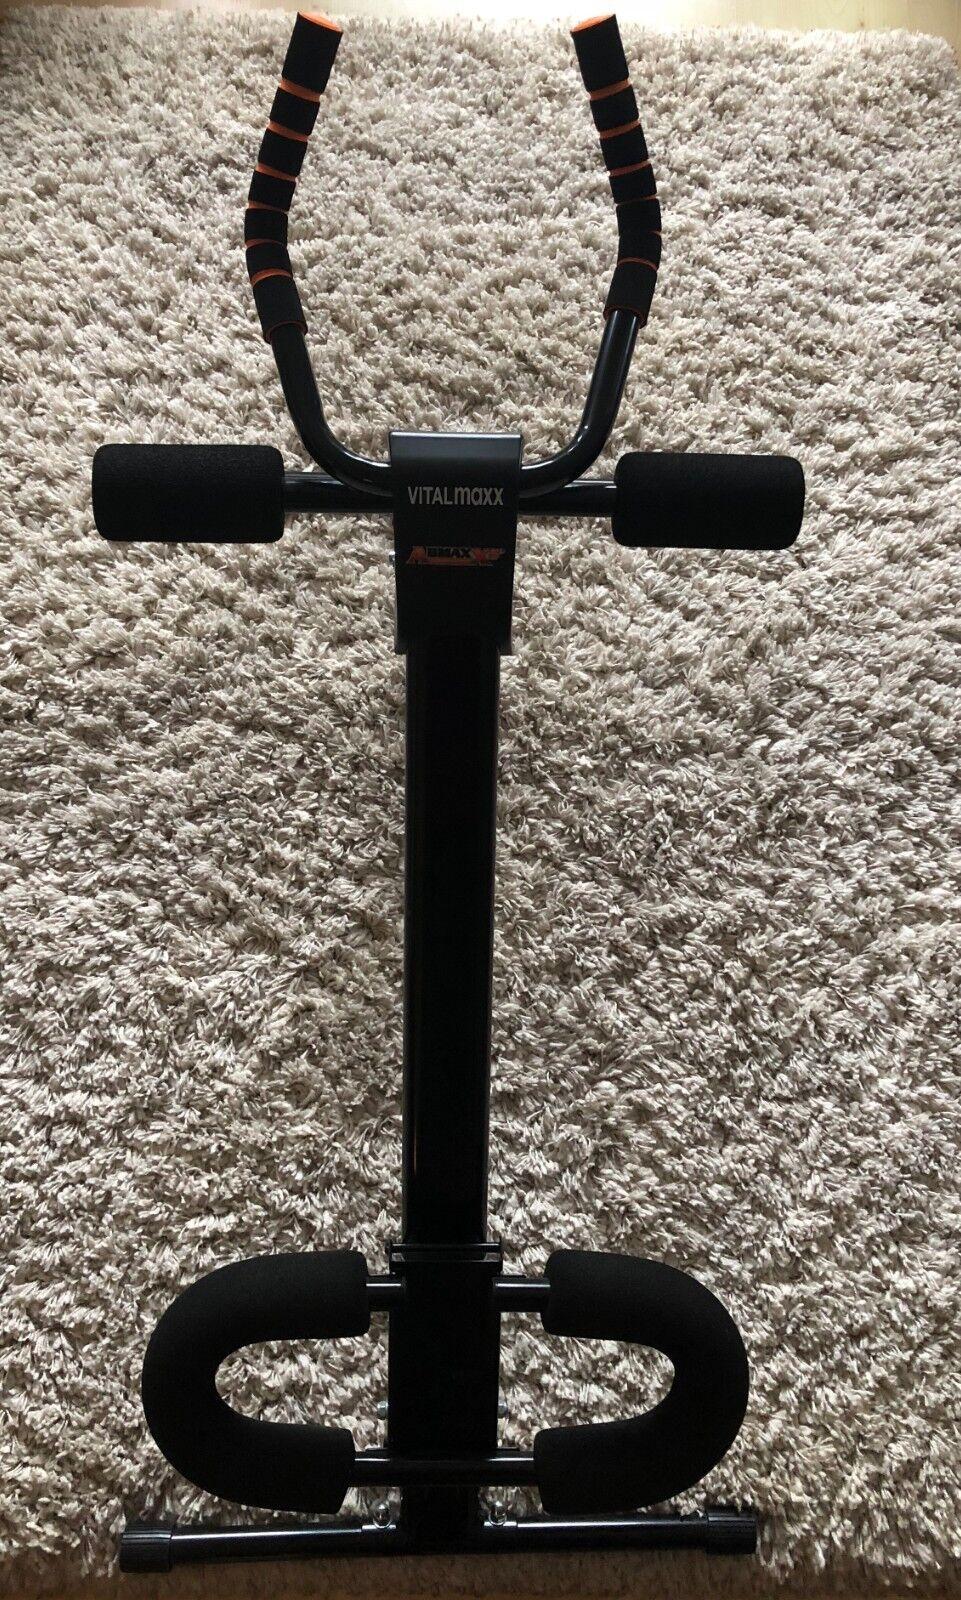 Abmaxx 5 Fitmaxx Fitnessgerät für Bauch und Rücken